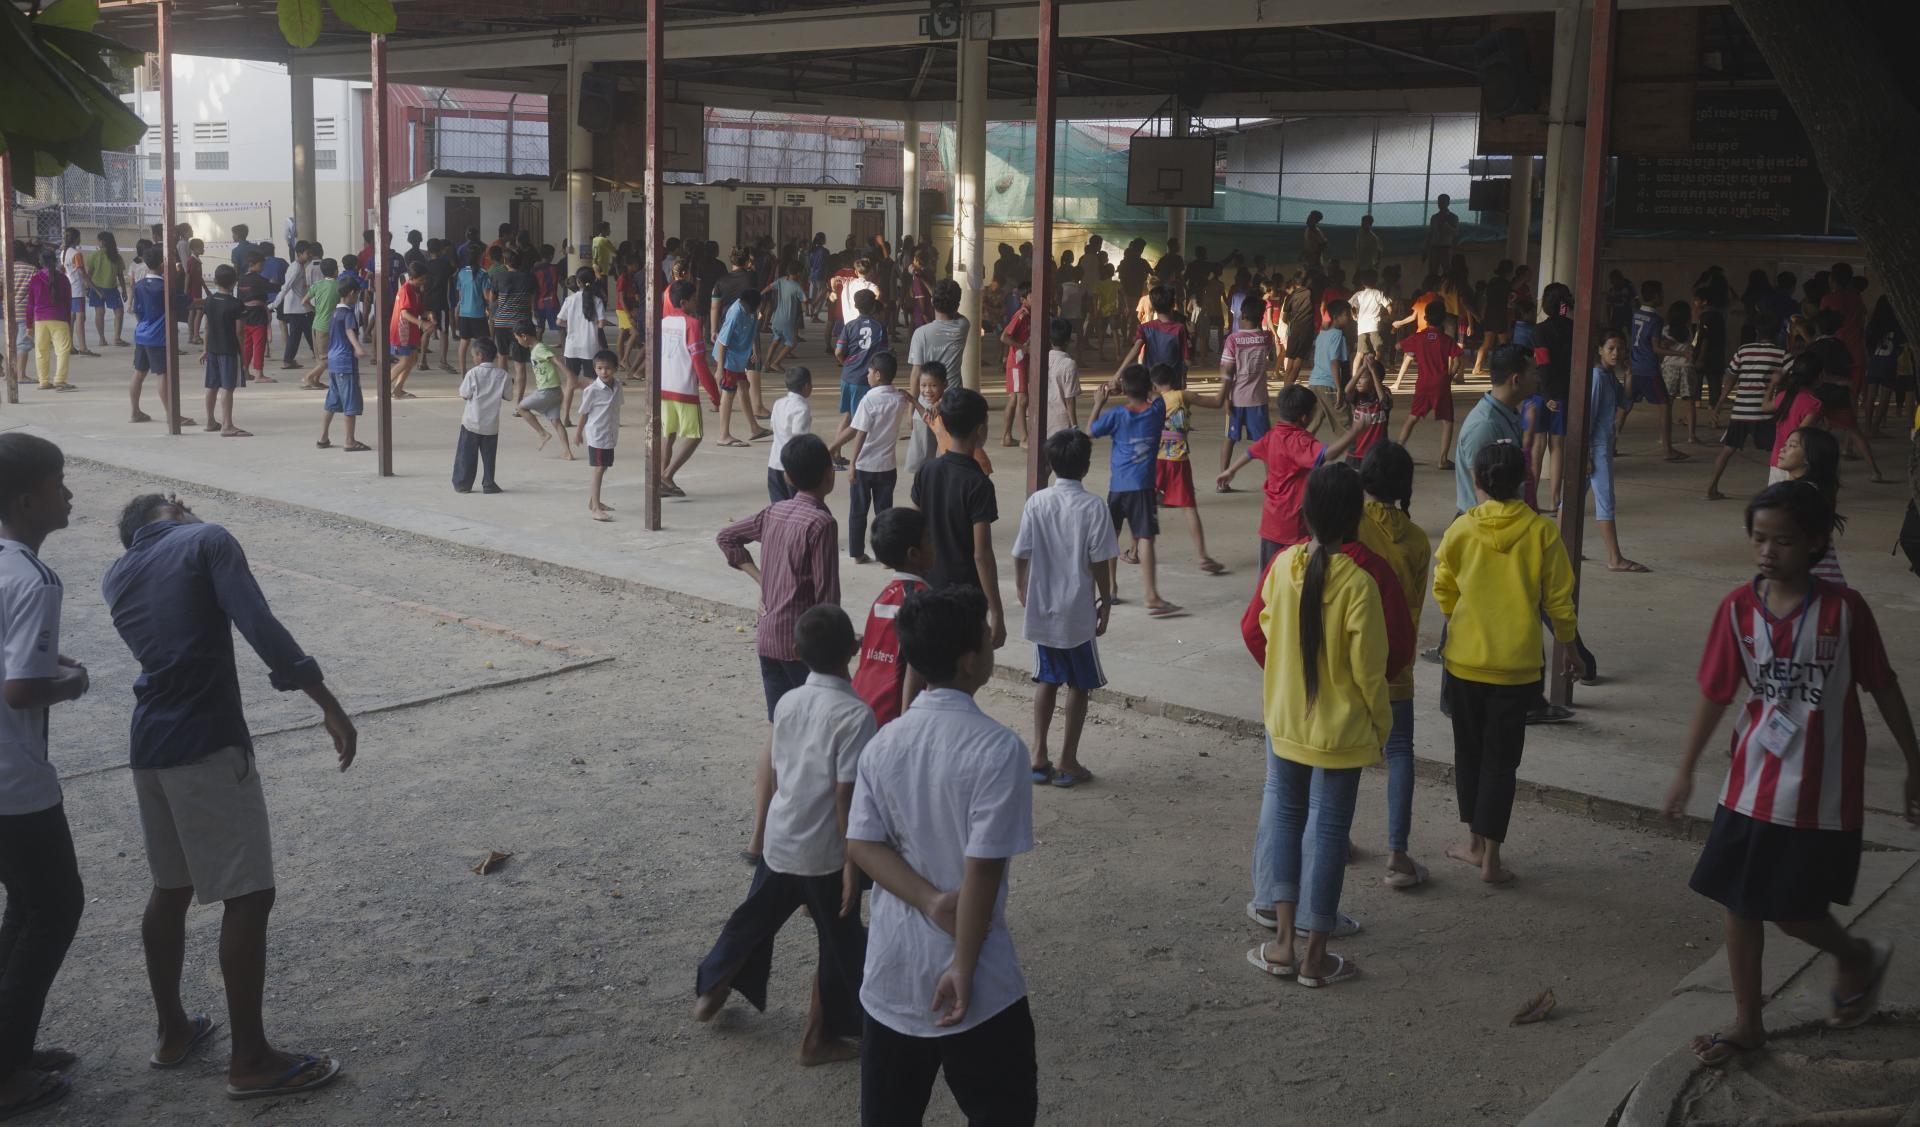 Le préau où se réunissent les enfants de l'internat pour le sport